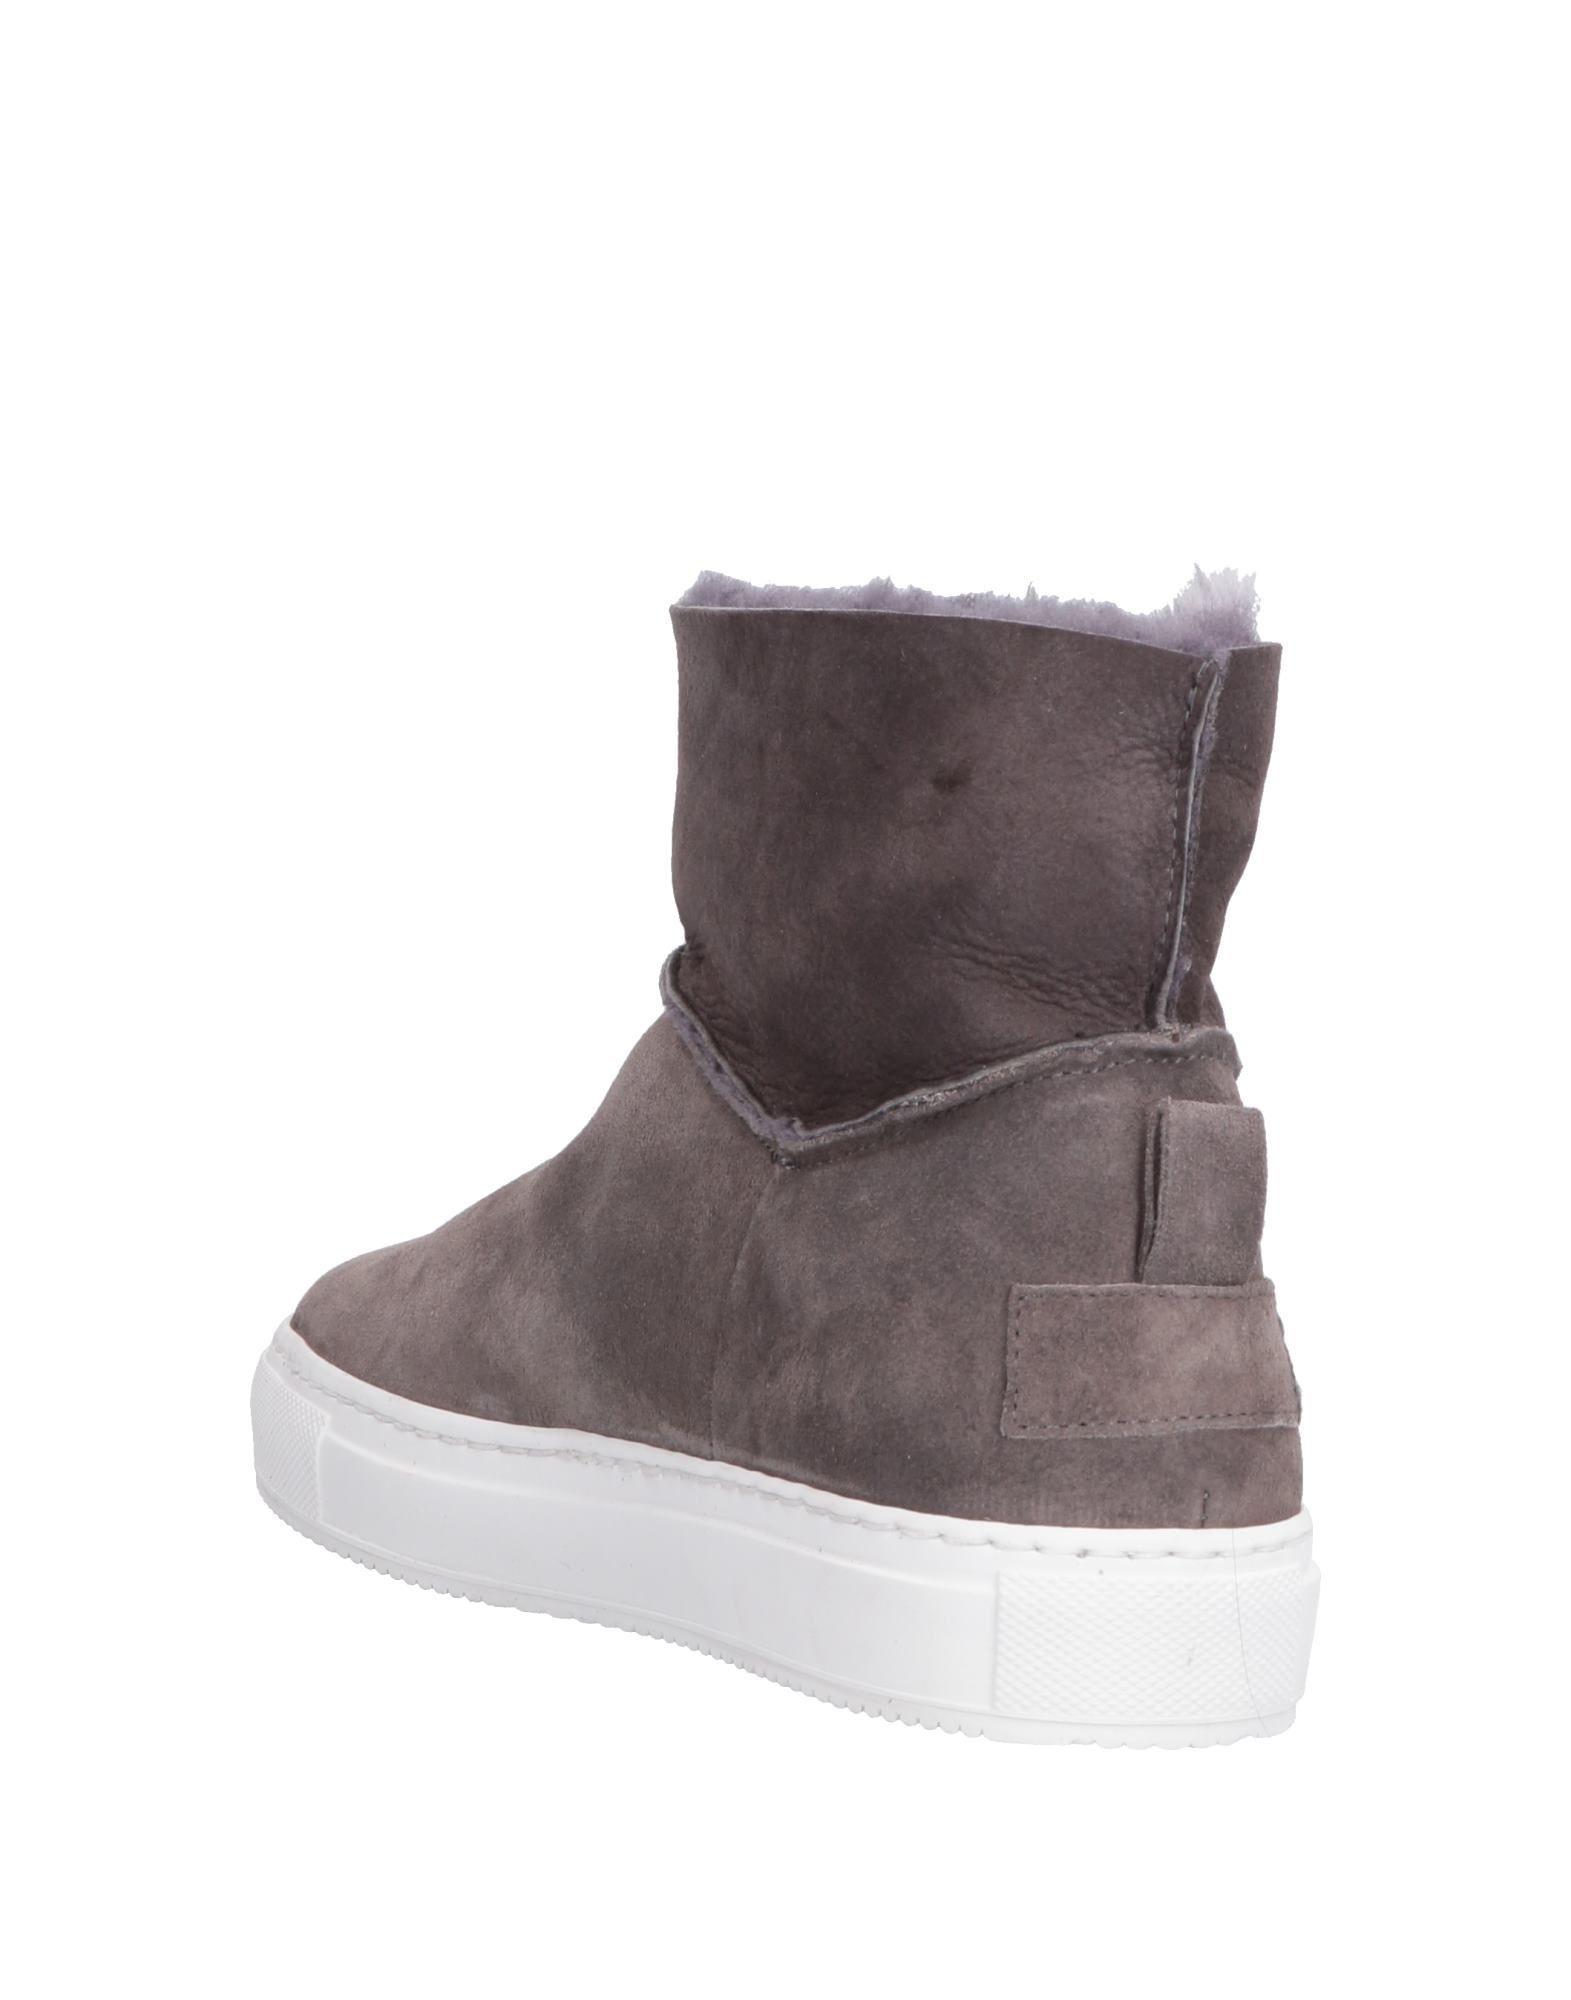 FOOTWEAR Boemos Grey Woman Leather